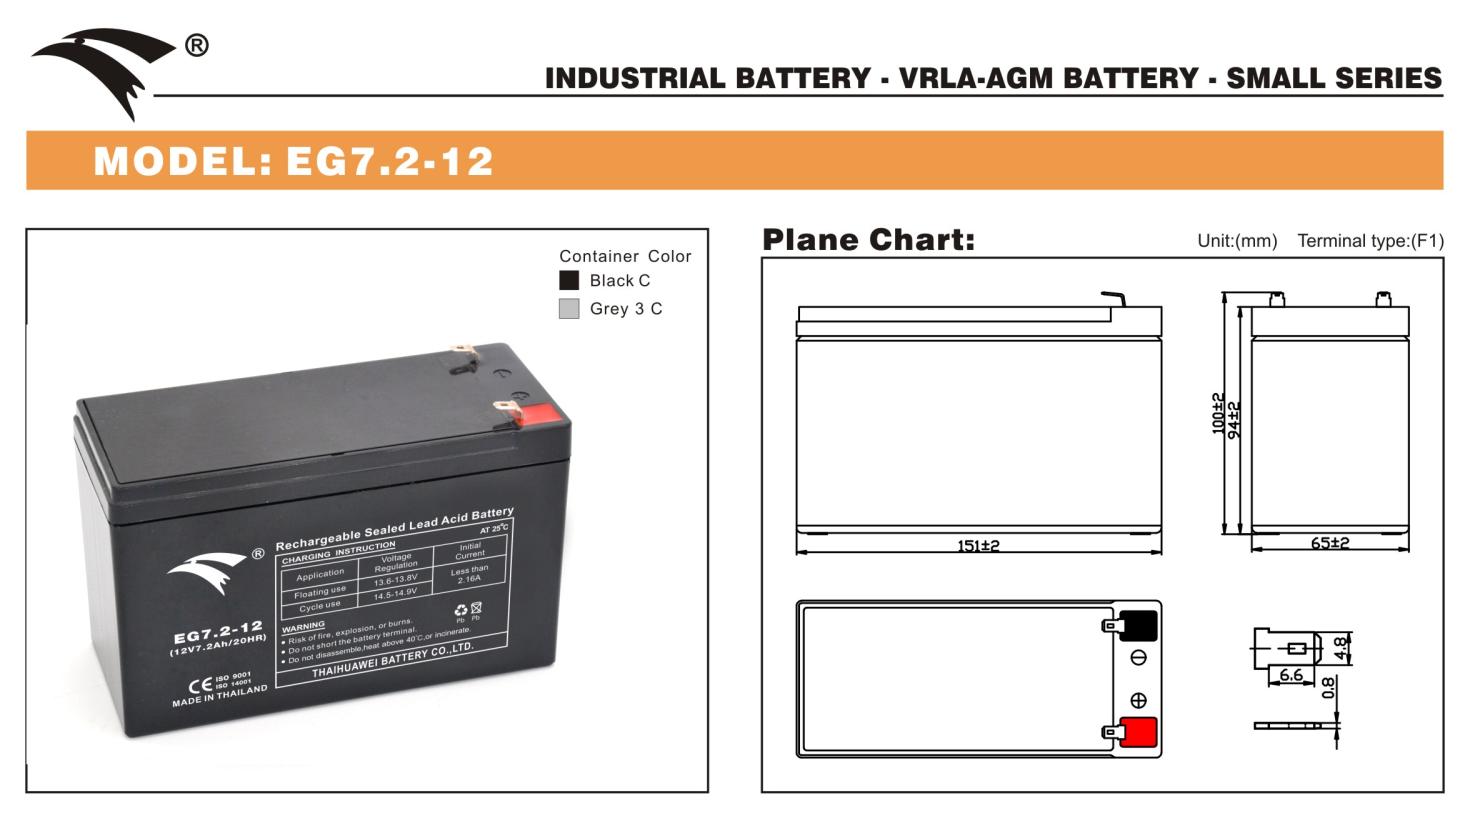 Bình ắc quy cho bộ lưu điện UPS EAGLE EG7.2-12 12V-7.2Ah (HÀNG NGOẠI NHẬP)